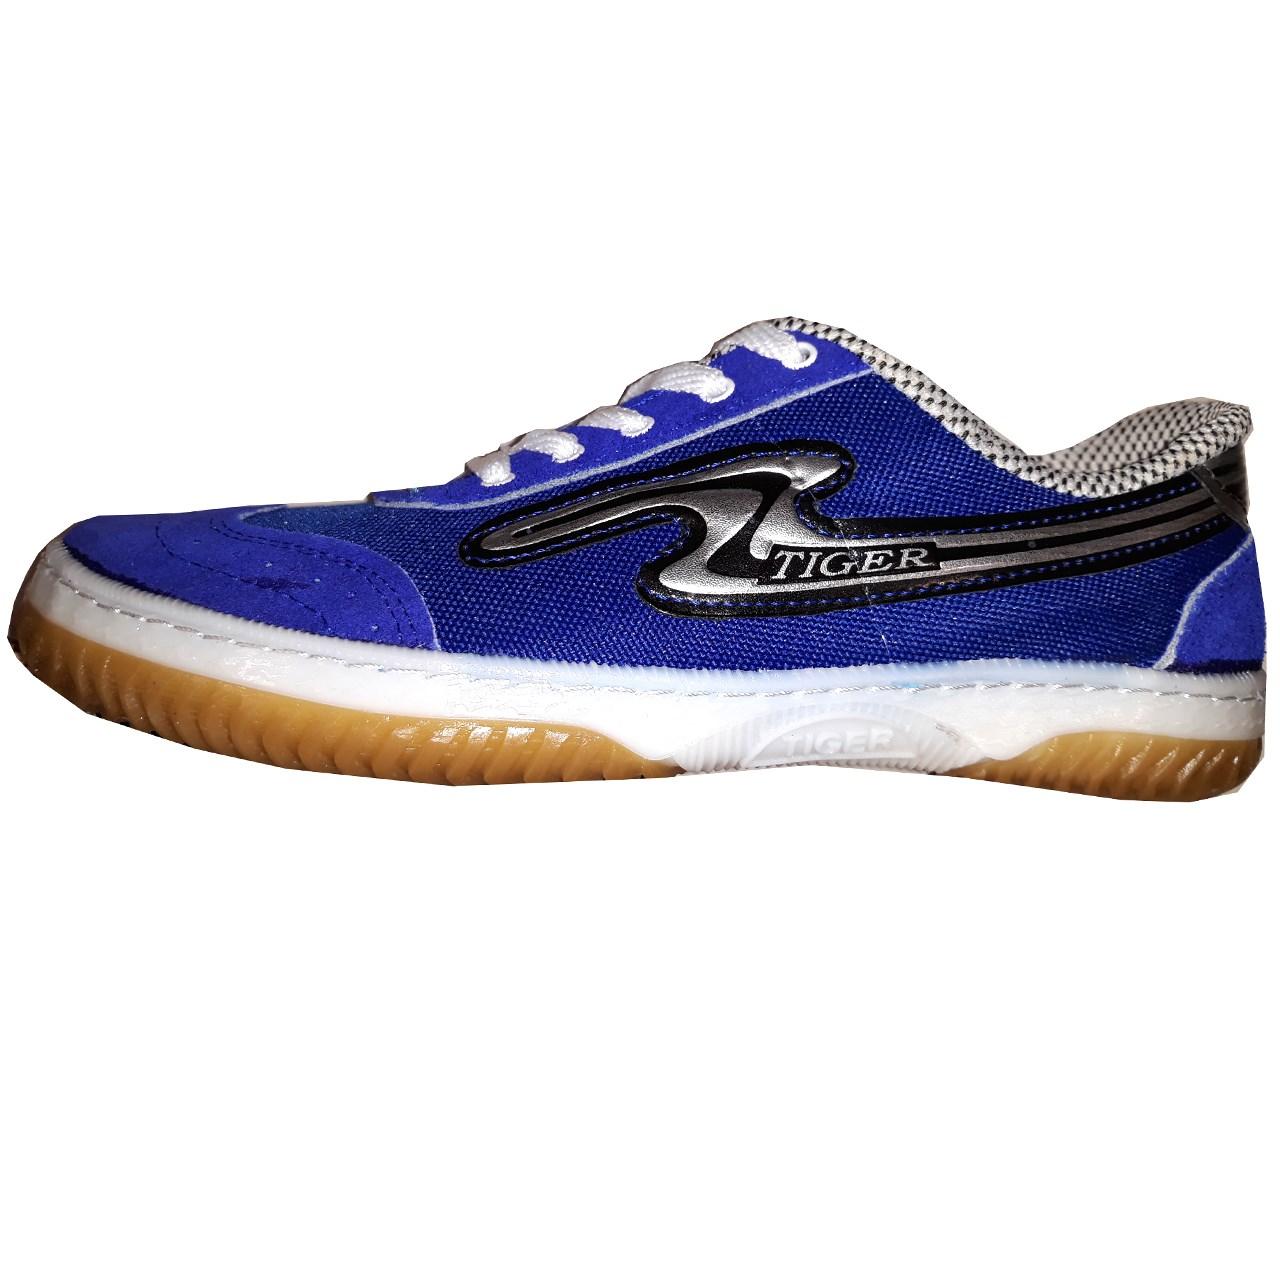 قیمت کفش سالنی مردانه تایگر مدل اسپرت